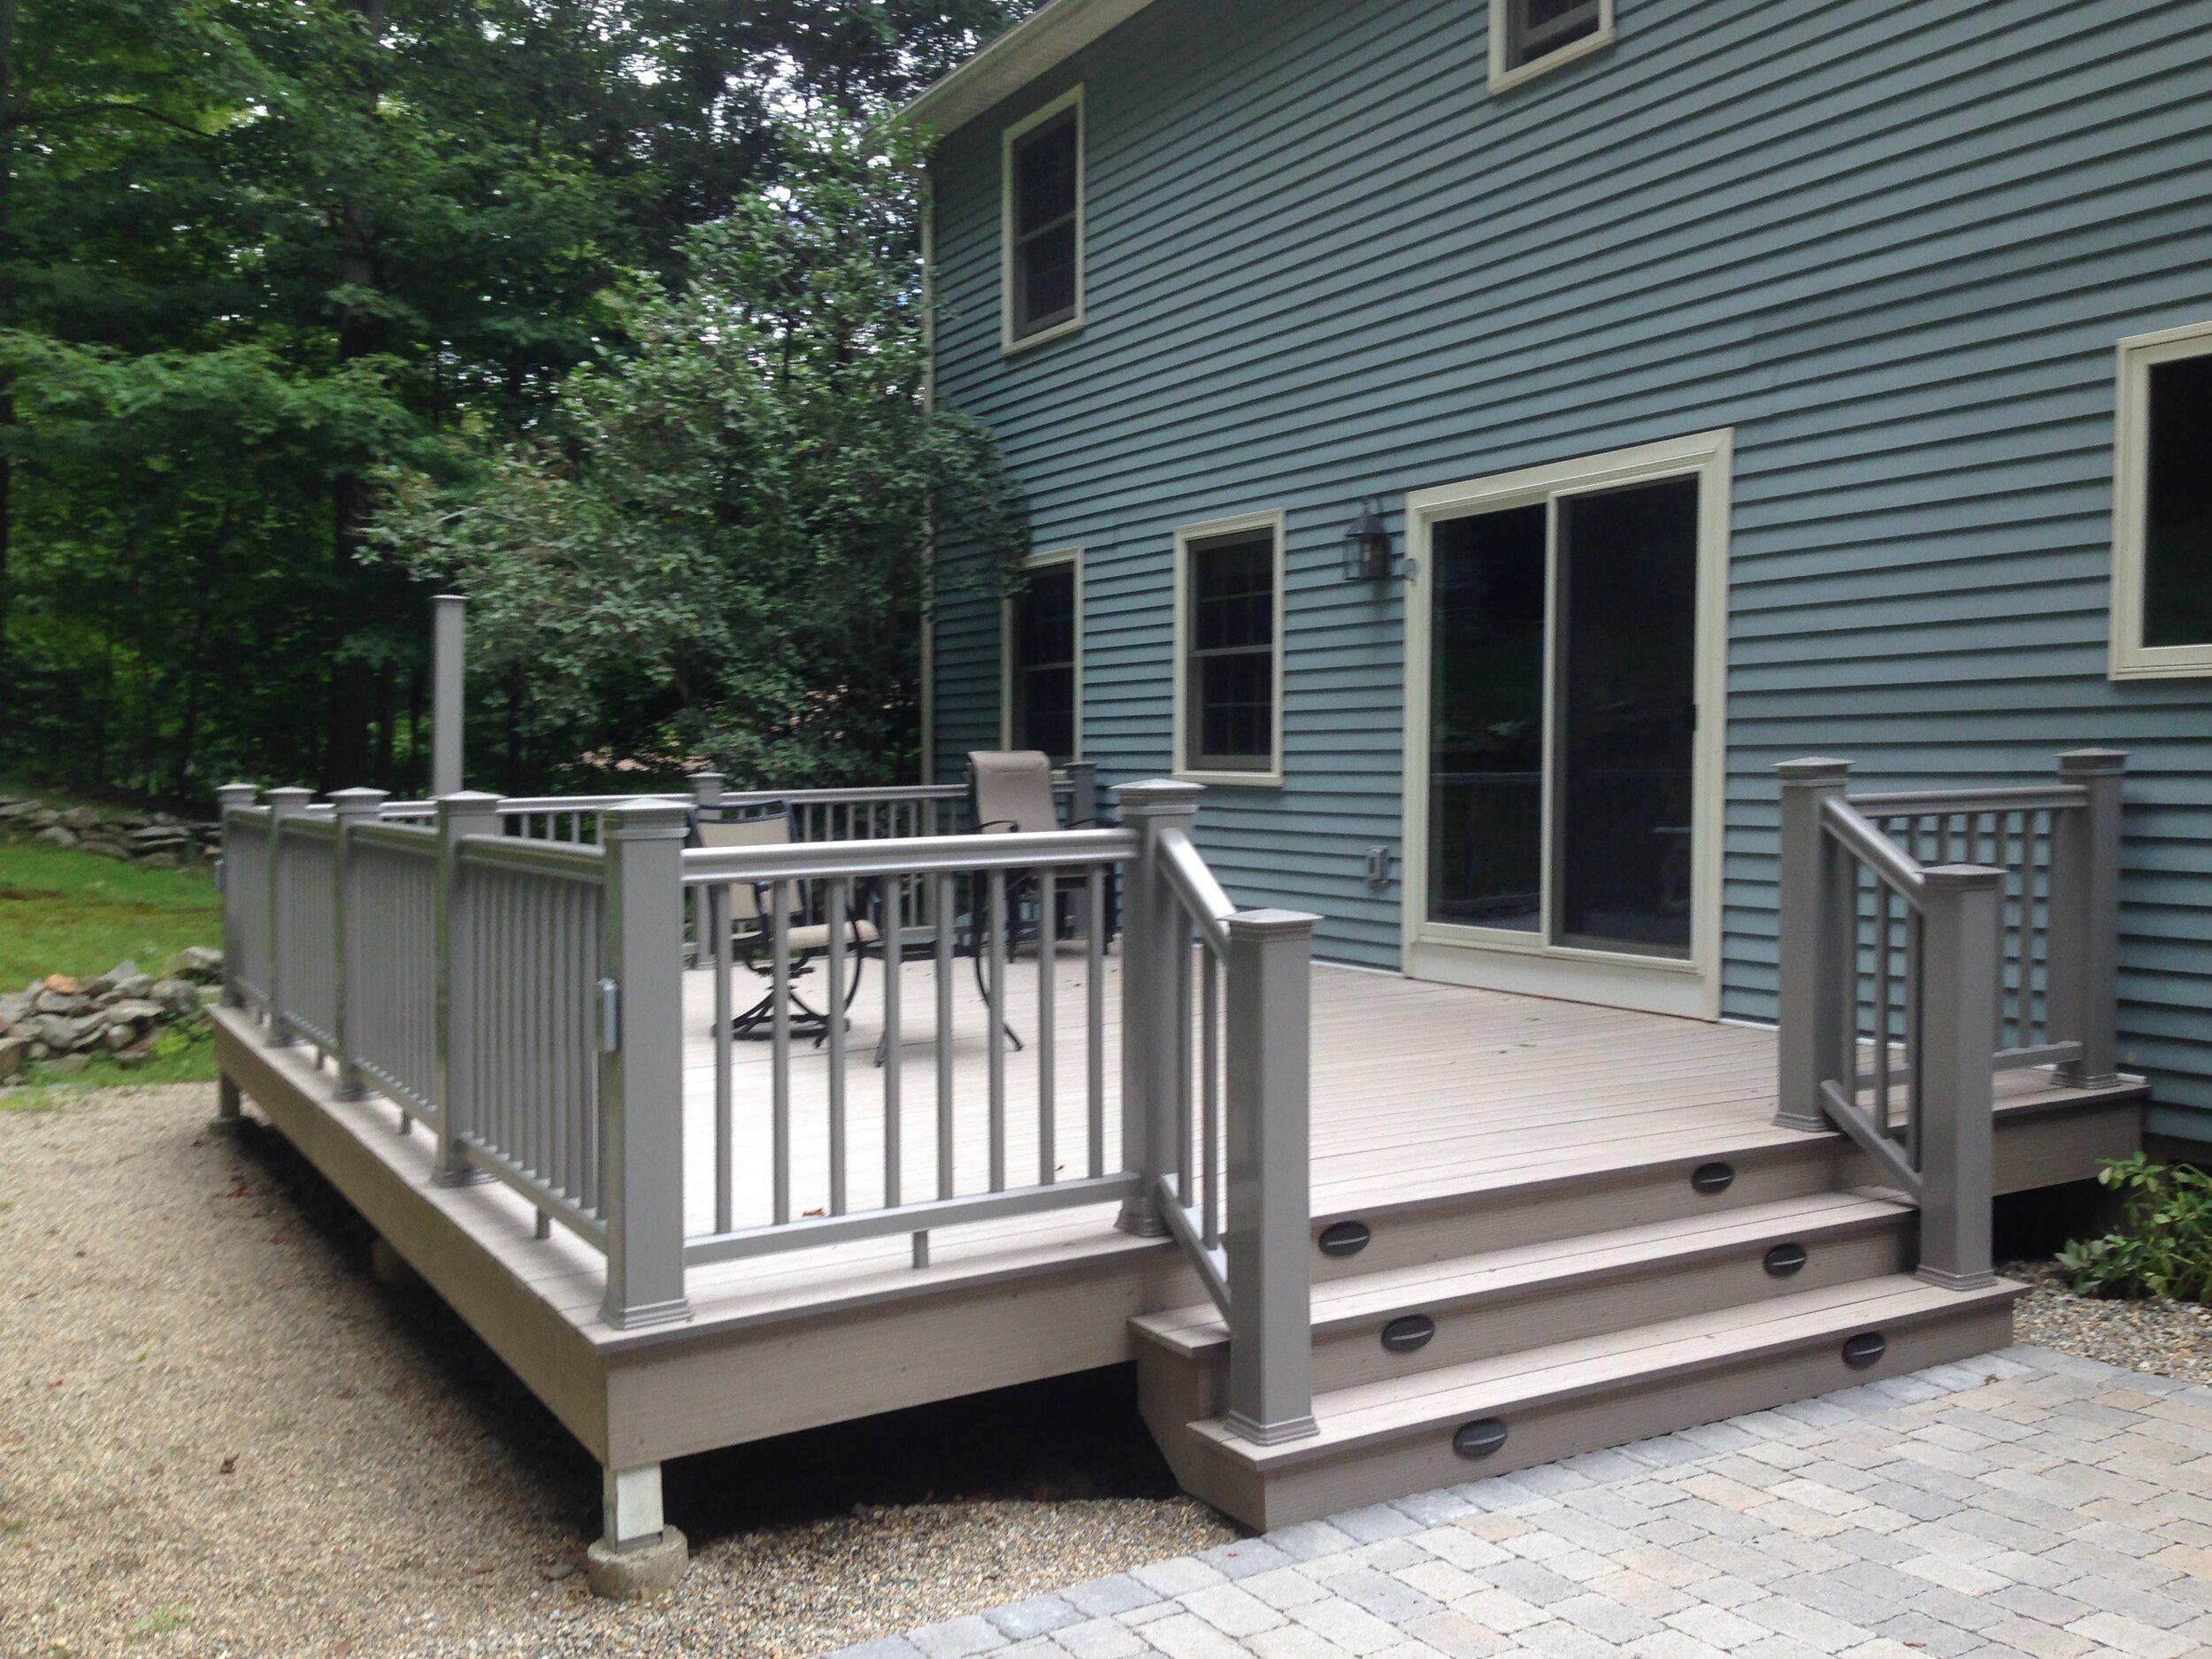 timbertech deck and rail funk little